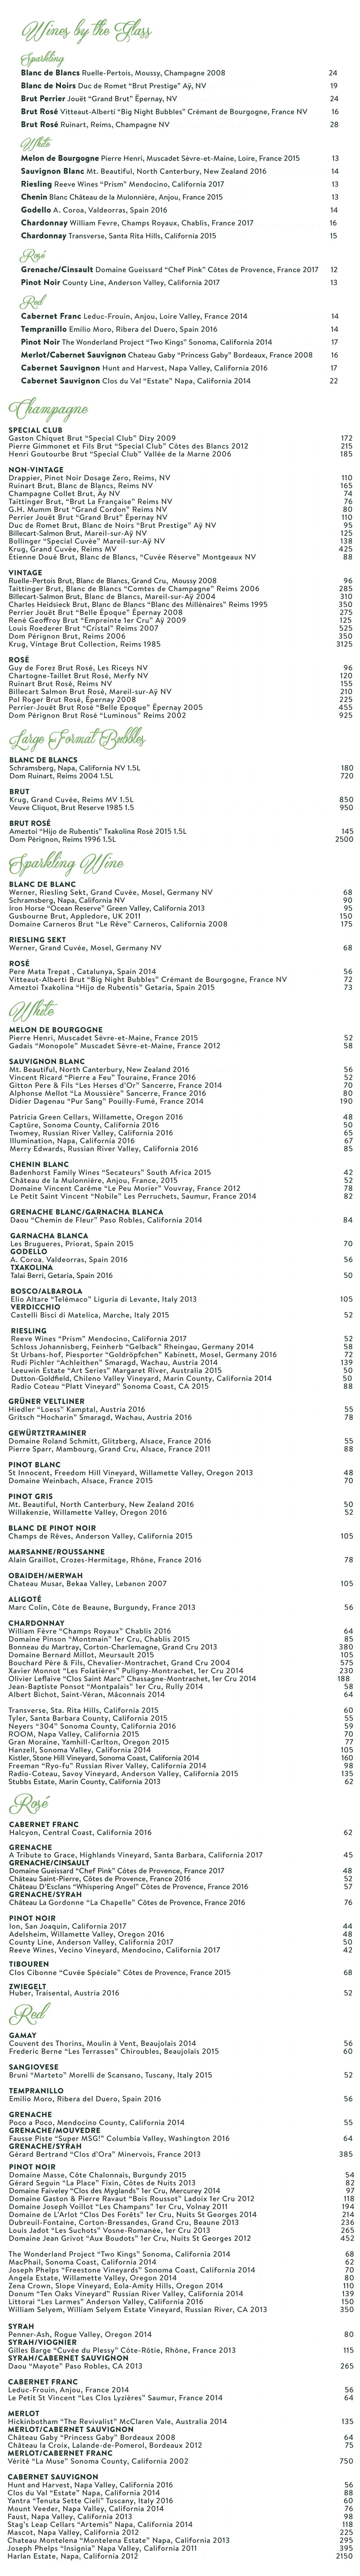 Wine-6.25.2018